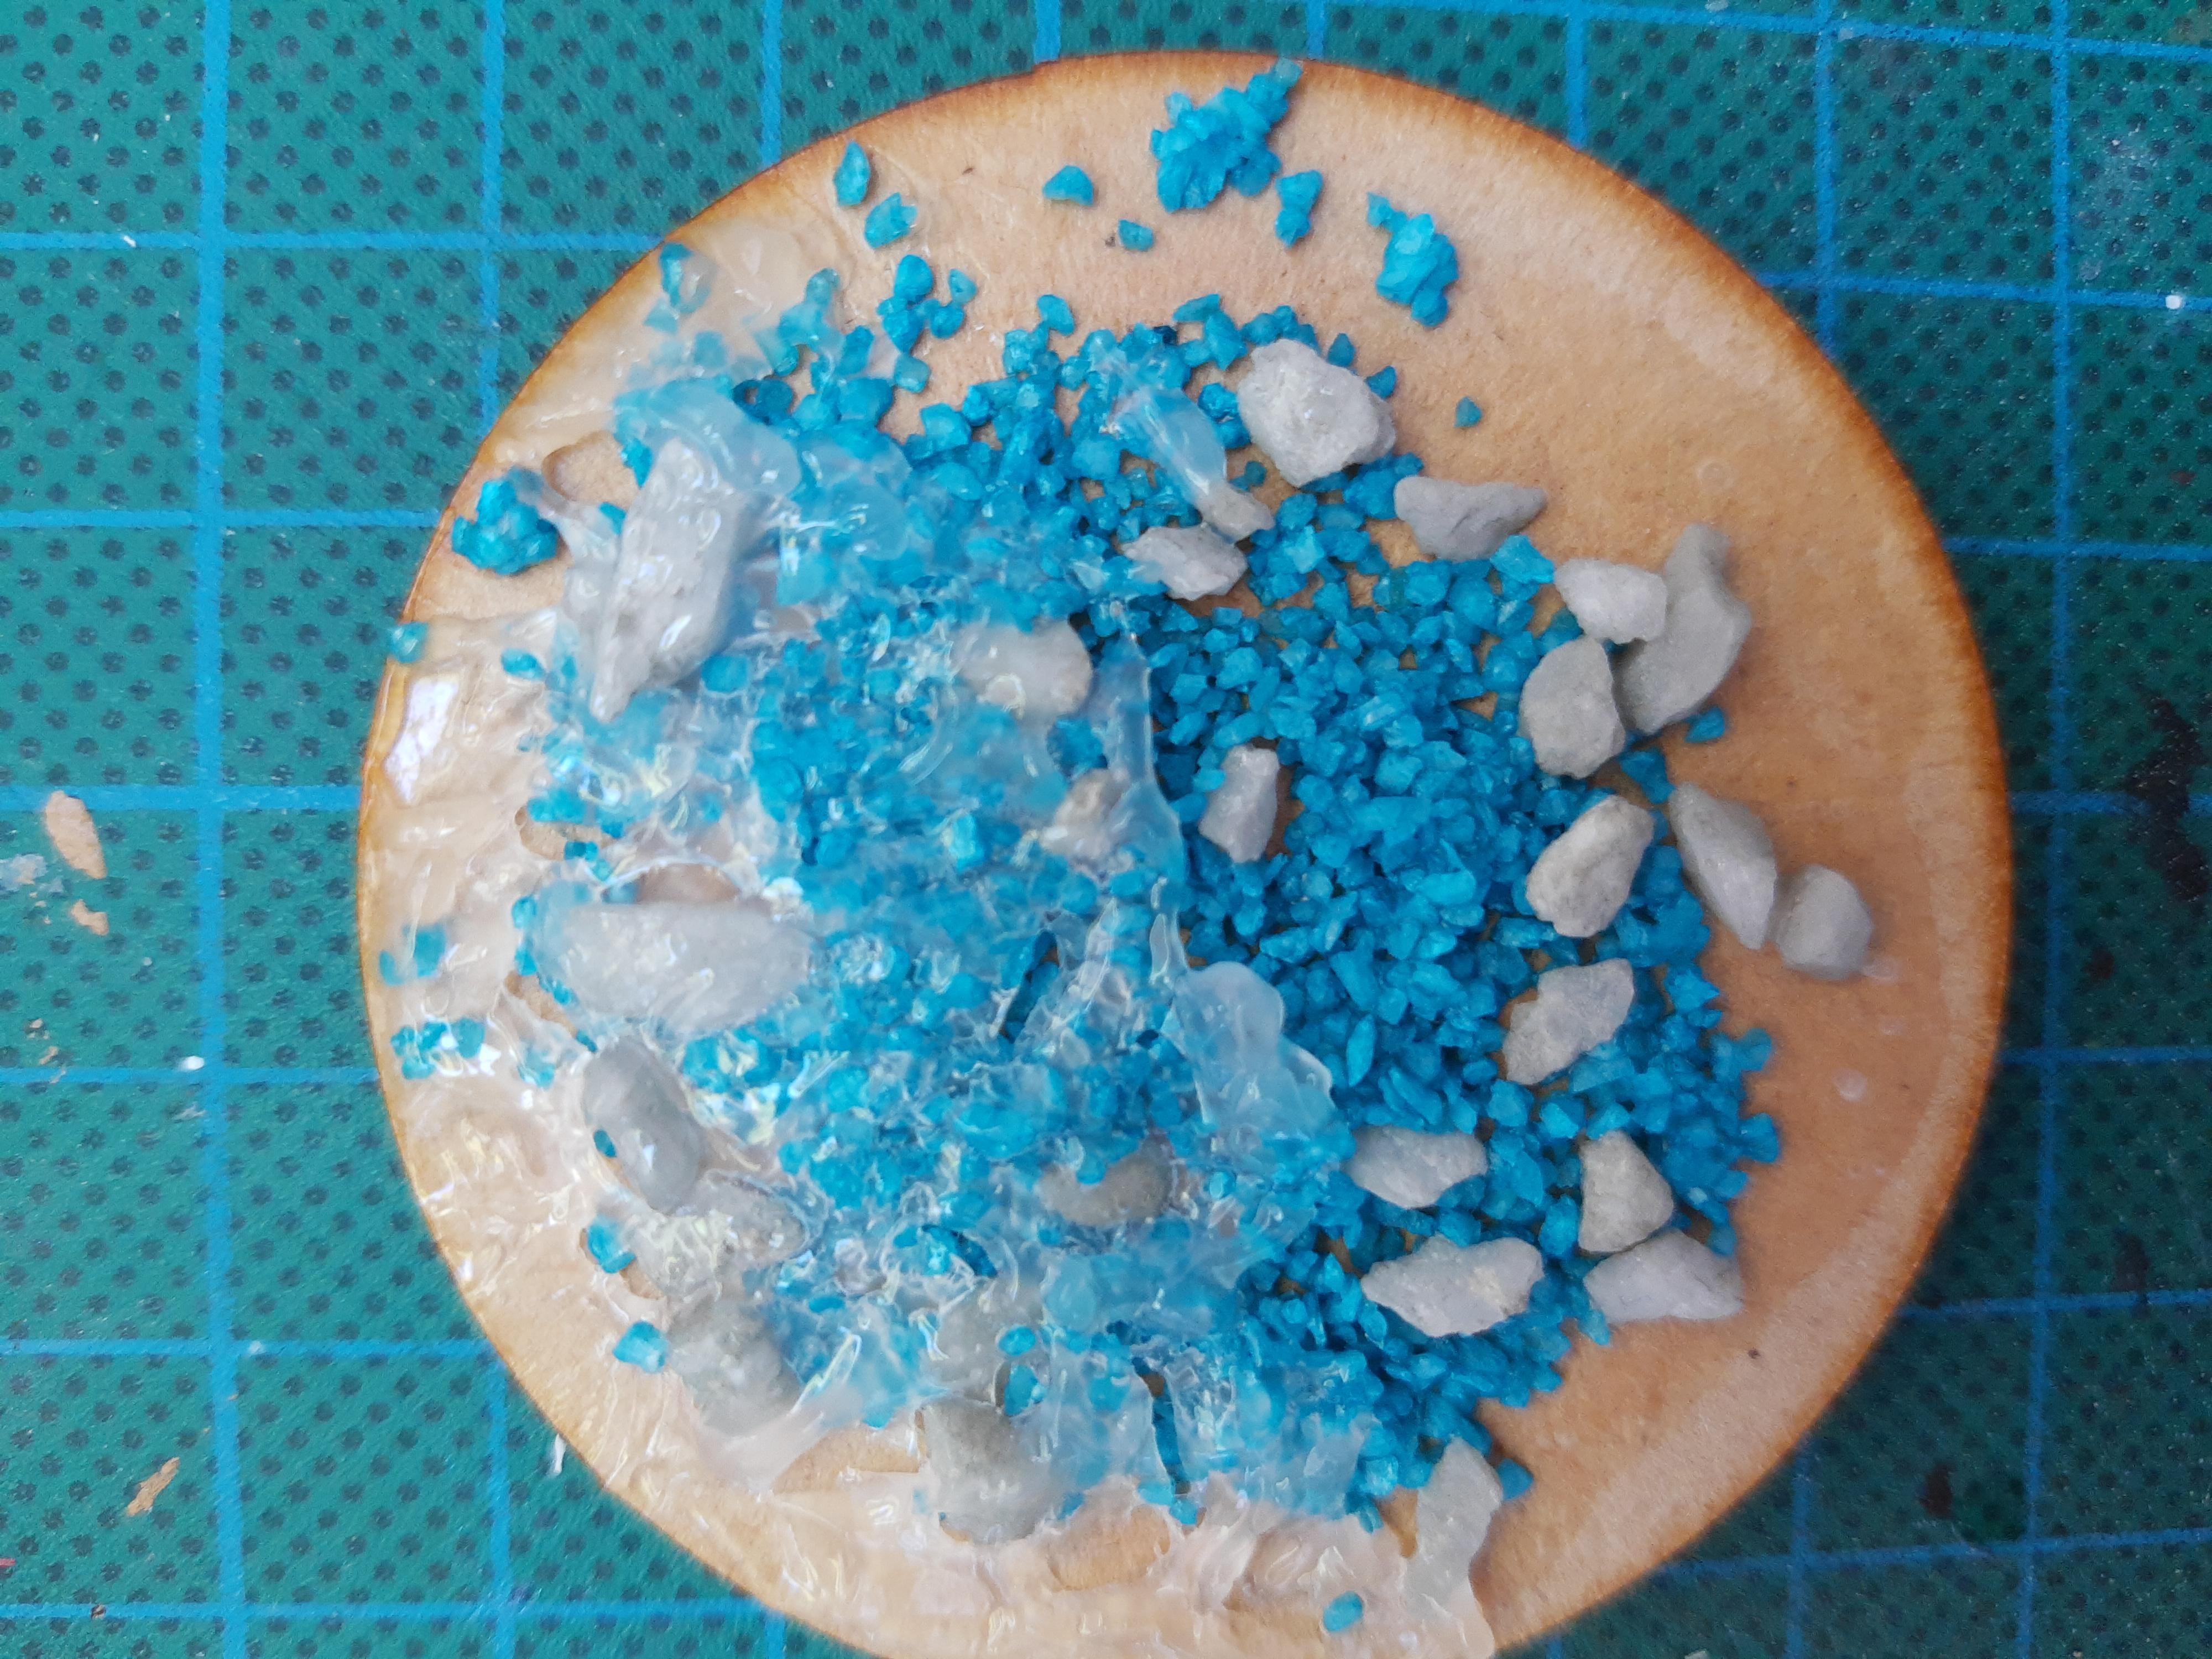 opgedroogd kristal gel